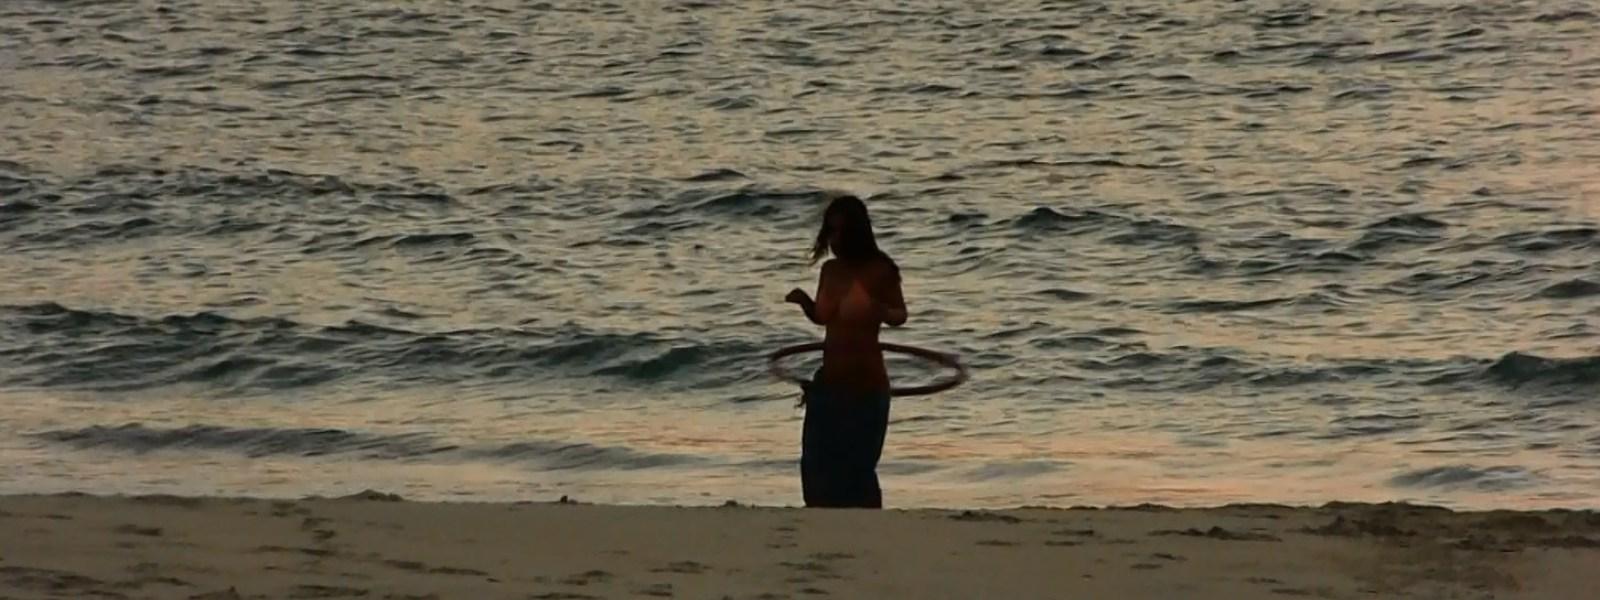 sunset-sinhtauk-beach